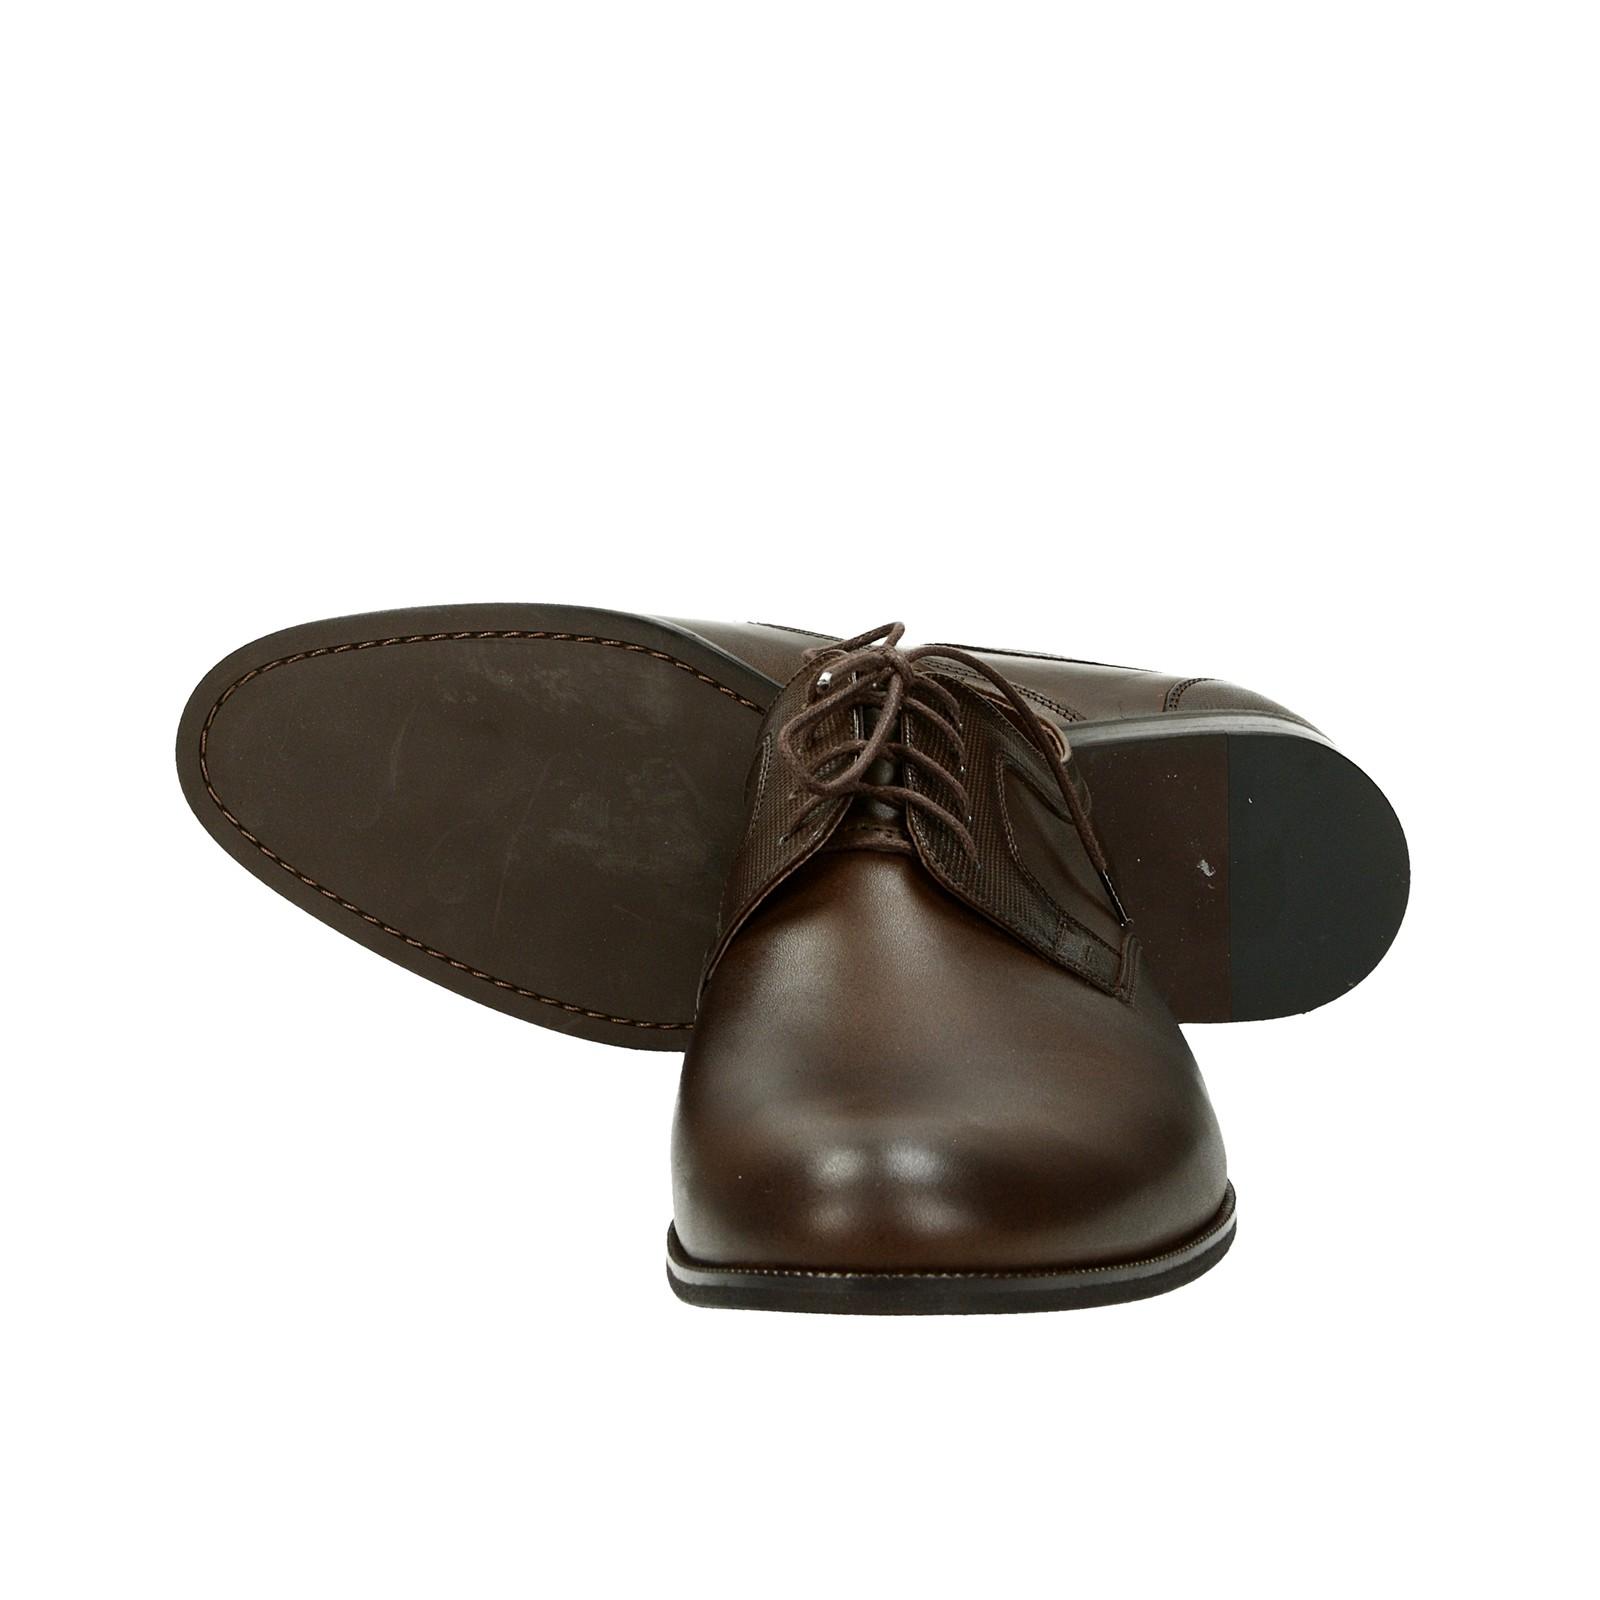 Faber pánske kožené spoločenské topánky - tmavohnedé ... bfe430cec0b